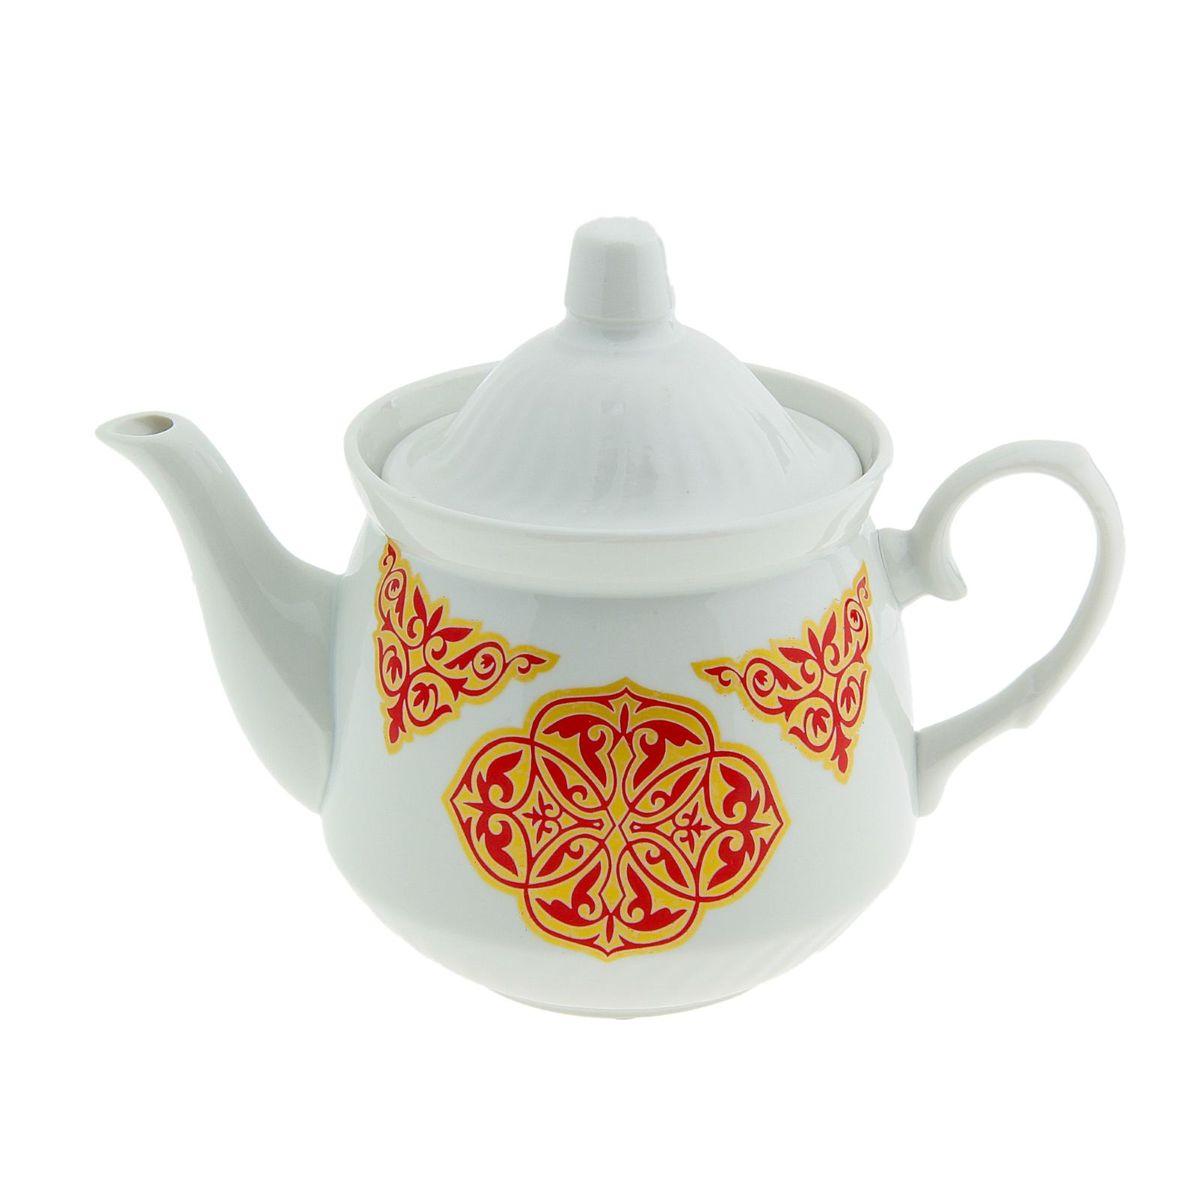 Чайник Добрушский фарфоровый завод Кирмаш. Восточный, 550 мл507845Заварочный чайник Кирмаш. Восточный изготовлен из высококачественного фарфора. Посудаоформлена ярким рисунком. Такой чайник идеально подойдет для заваривания чая. Он хорошо держит температуру, что способствует более полному раскрытию цвета, аромата и вкуса чайного букета. Изделие прекрасно дополнит сервировку стола к чаепитию и станет его неизменным атрибутом.Объем: 550 мл.